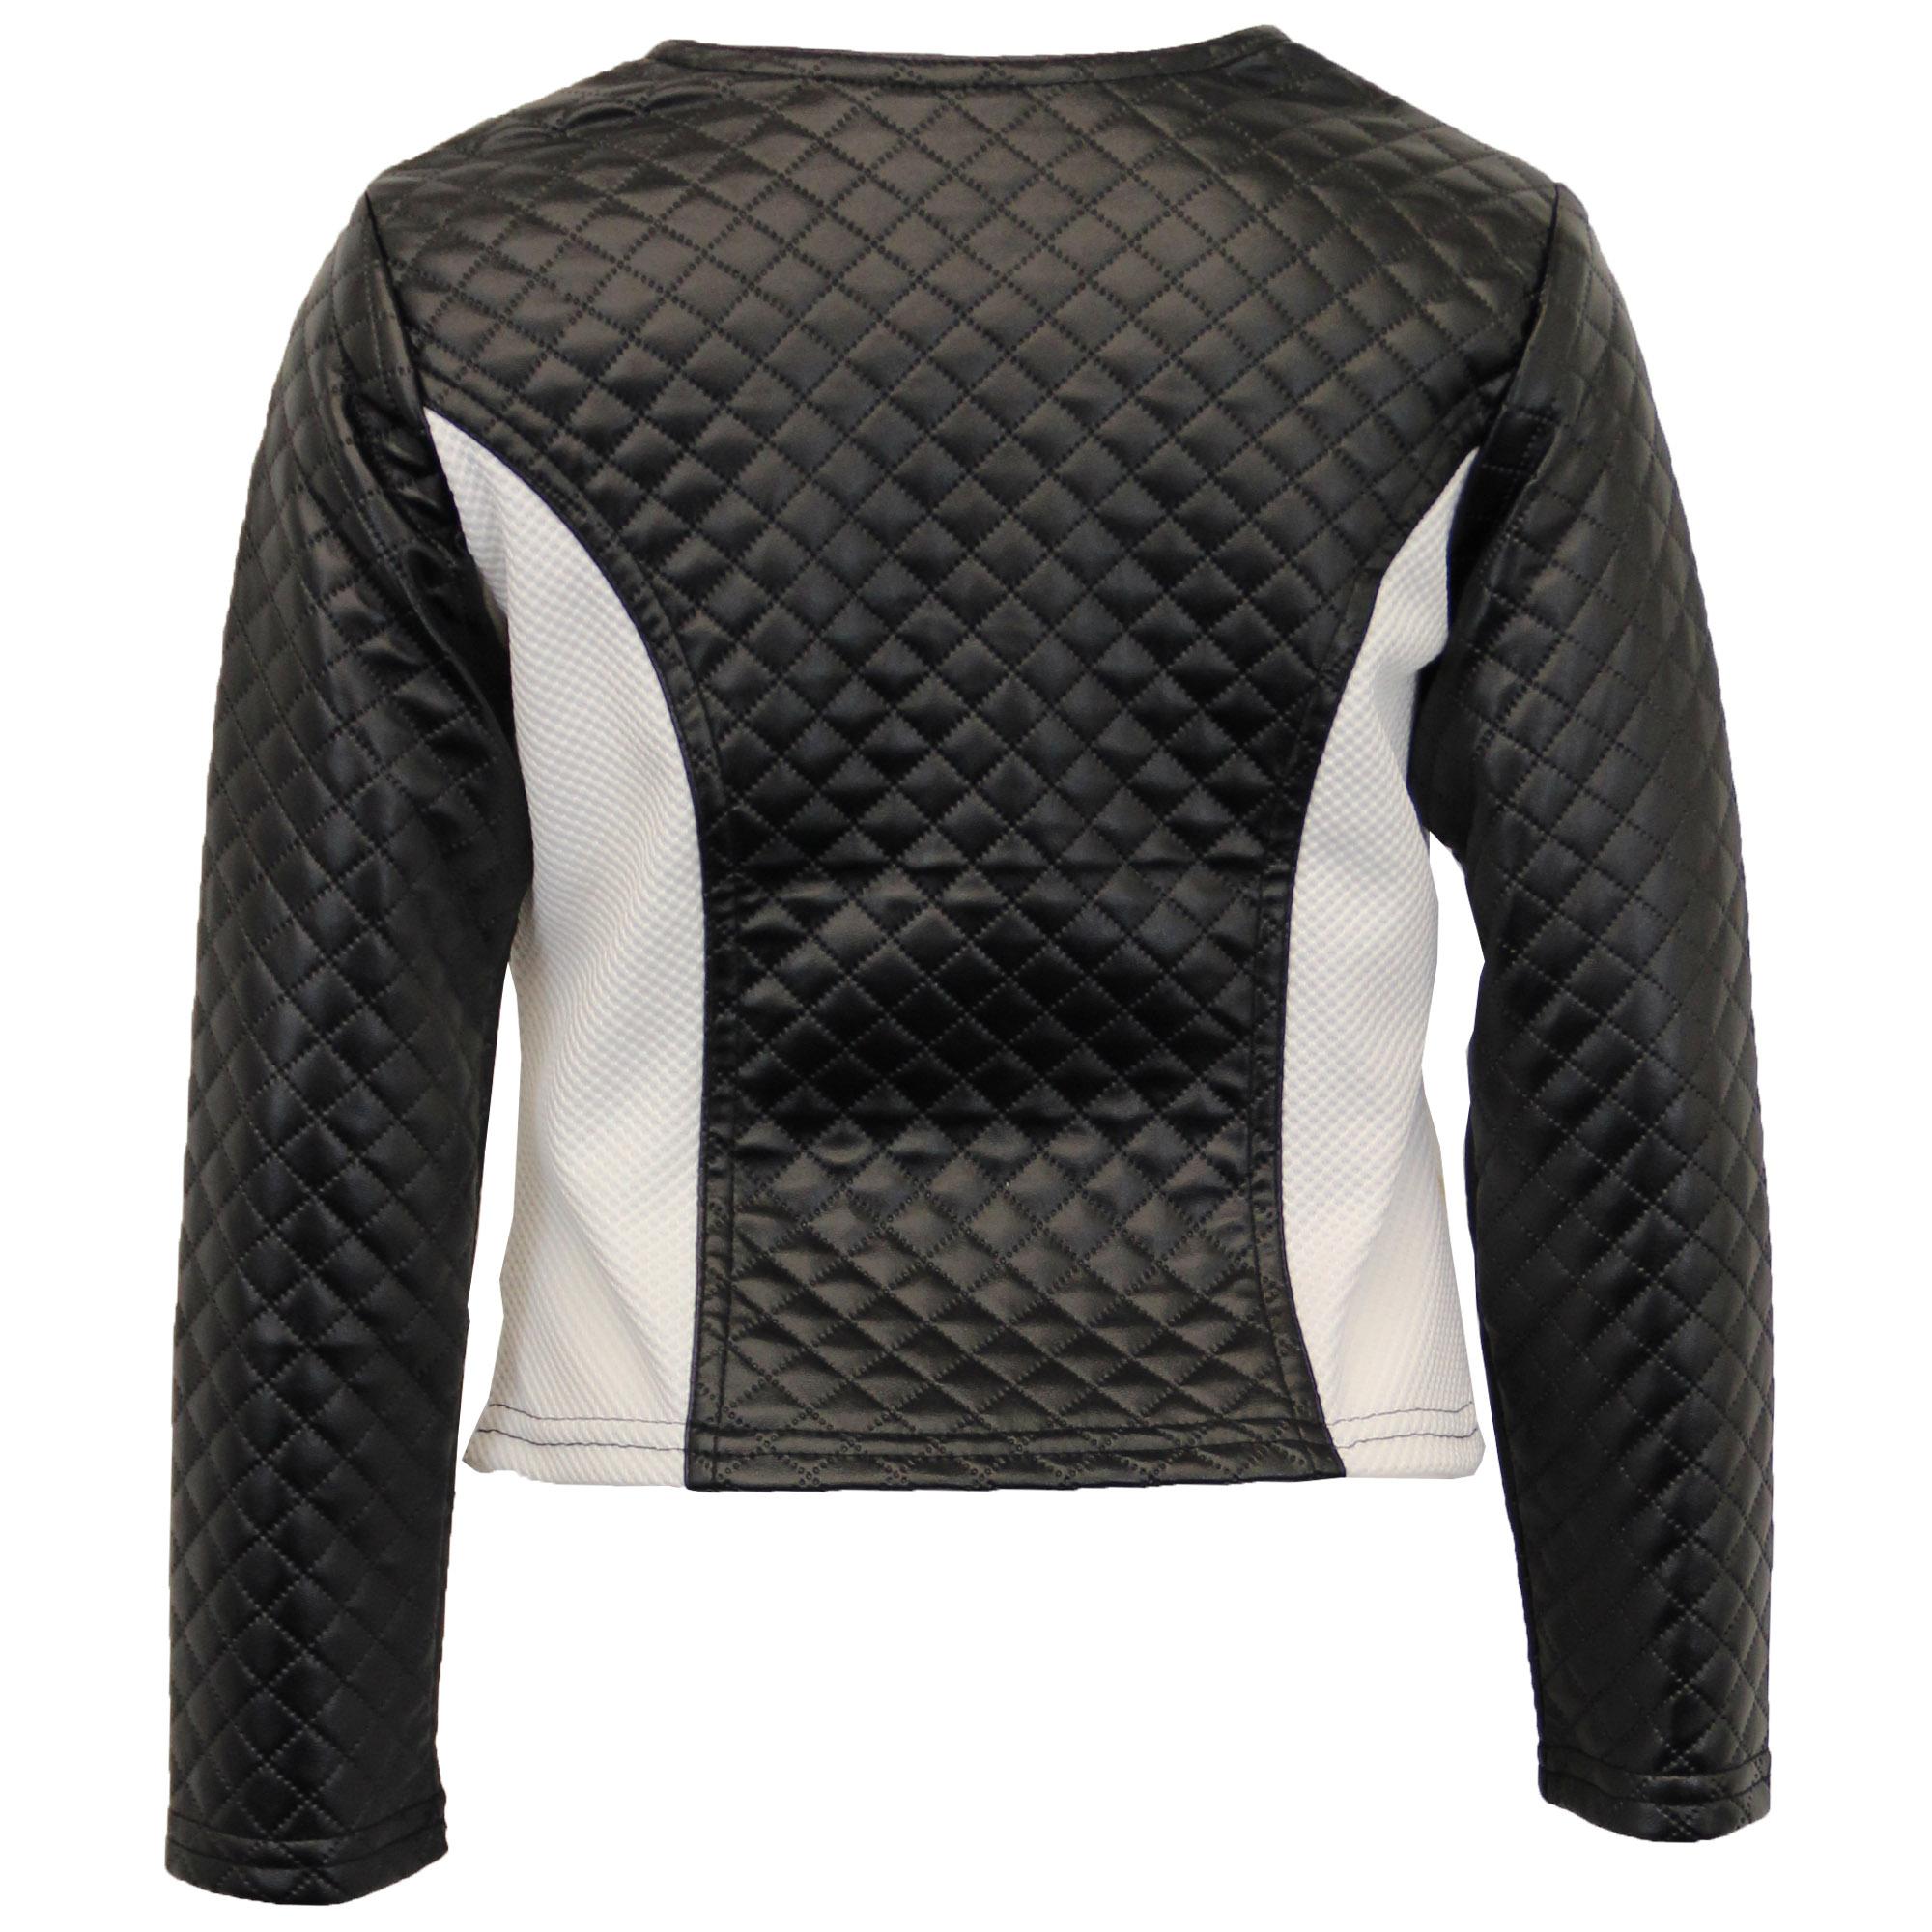 Baseball leather jackets